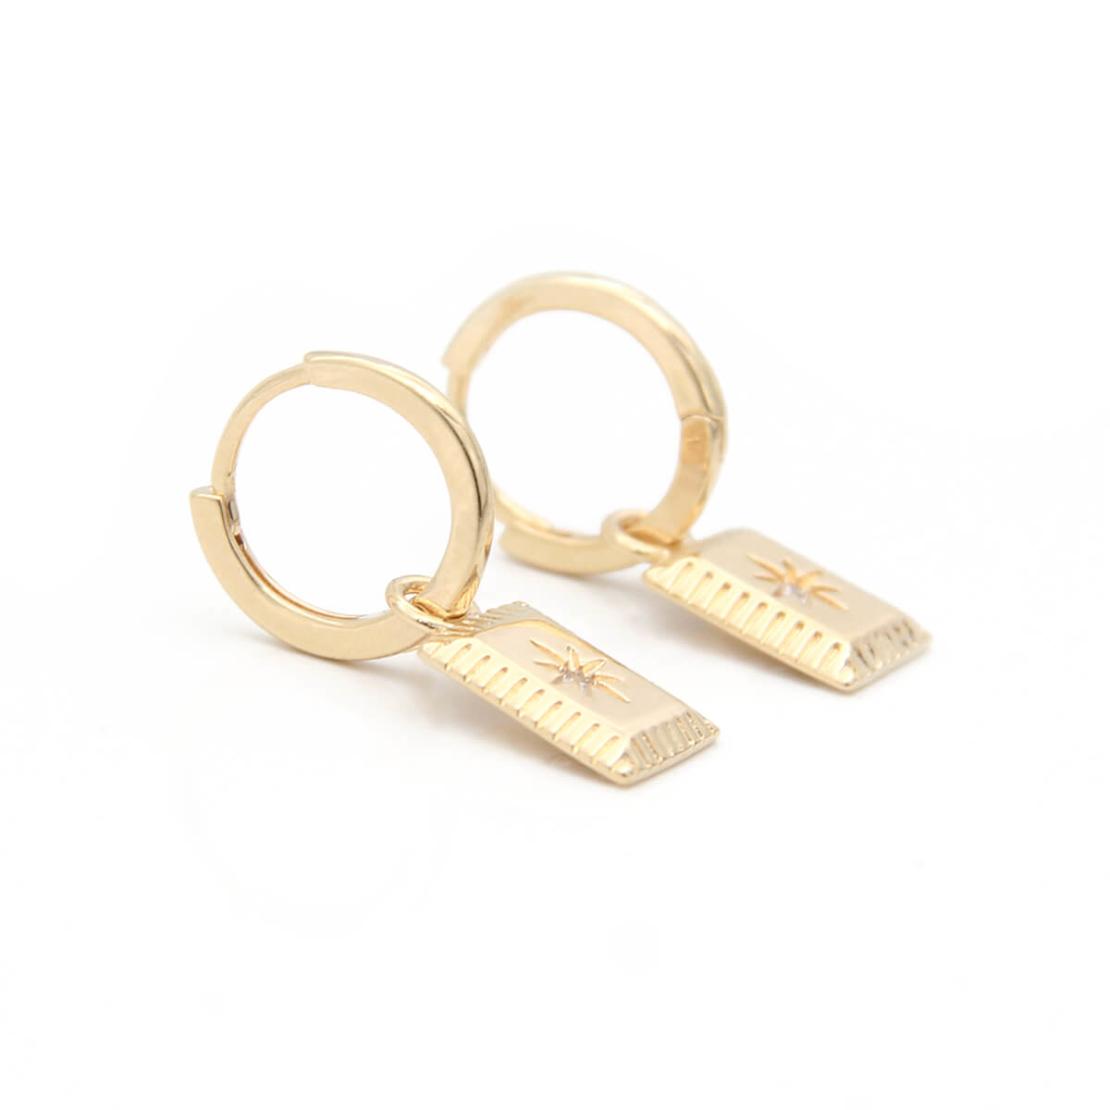 עגילי חישוק פלטה זירקון - כסף 925 בציפוי זהב מיקרוני